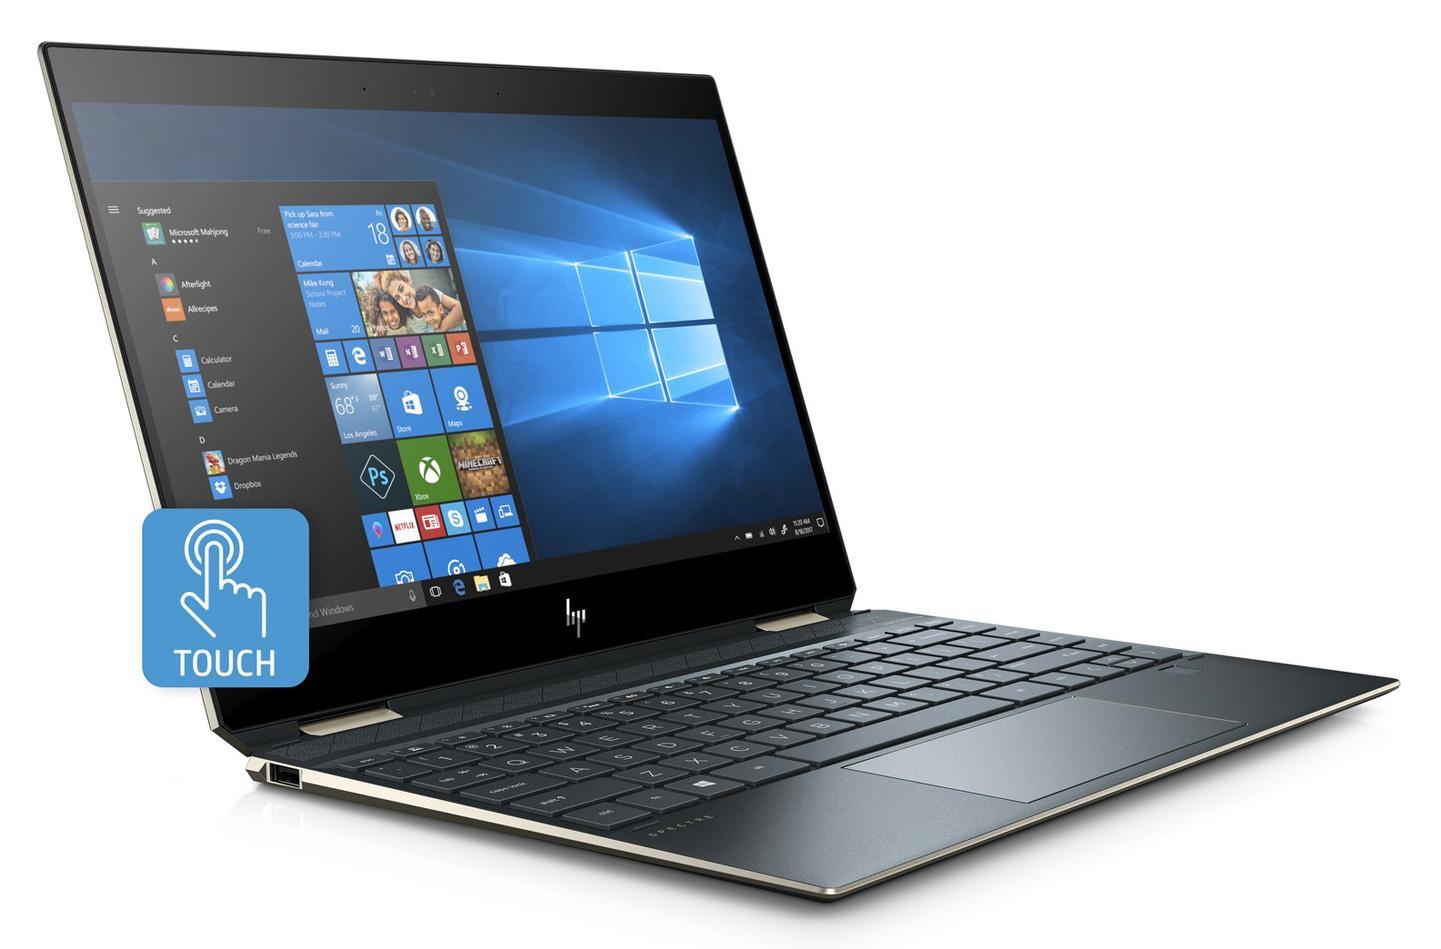 Ordinateur portable HP Spectre x360 13-ap0006nf Bleu fonce - photo 2